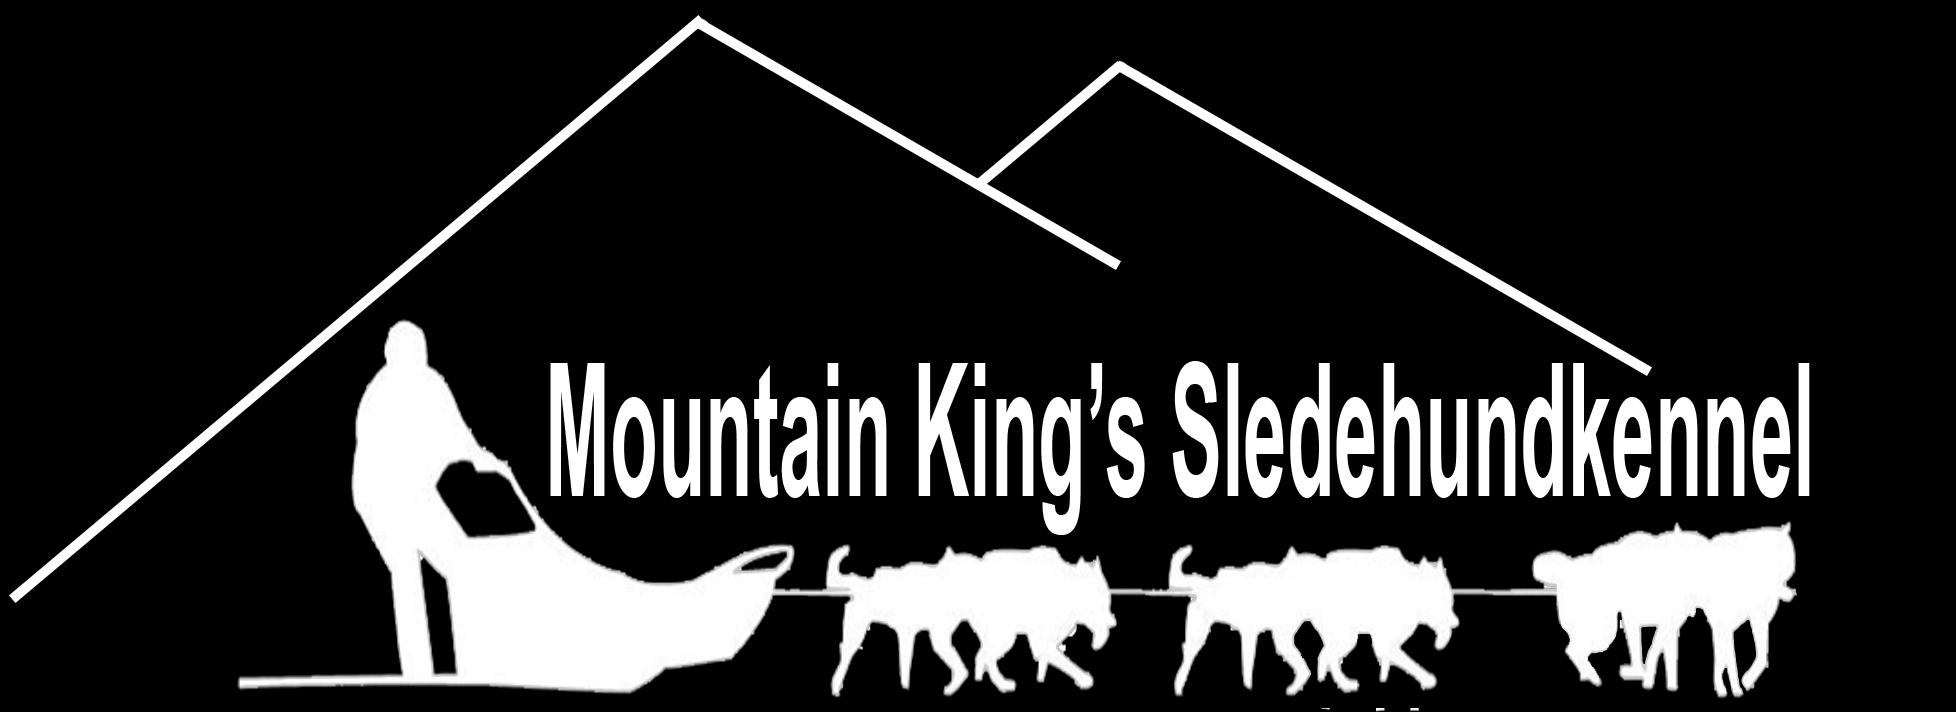 Mountain King's Sledehundkennel